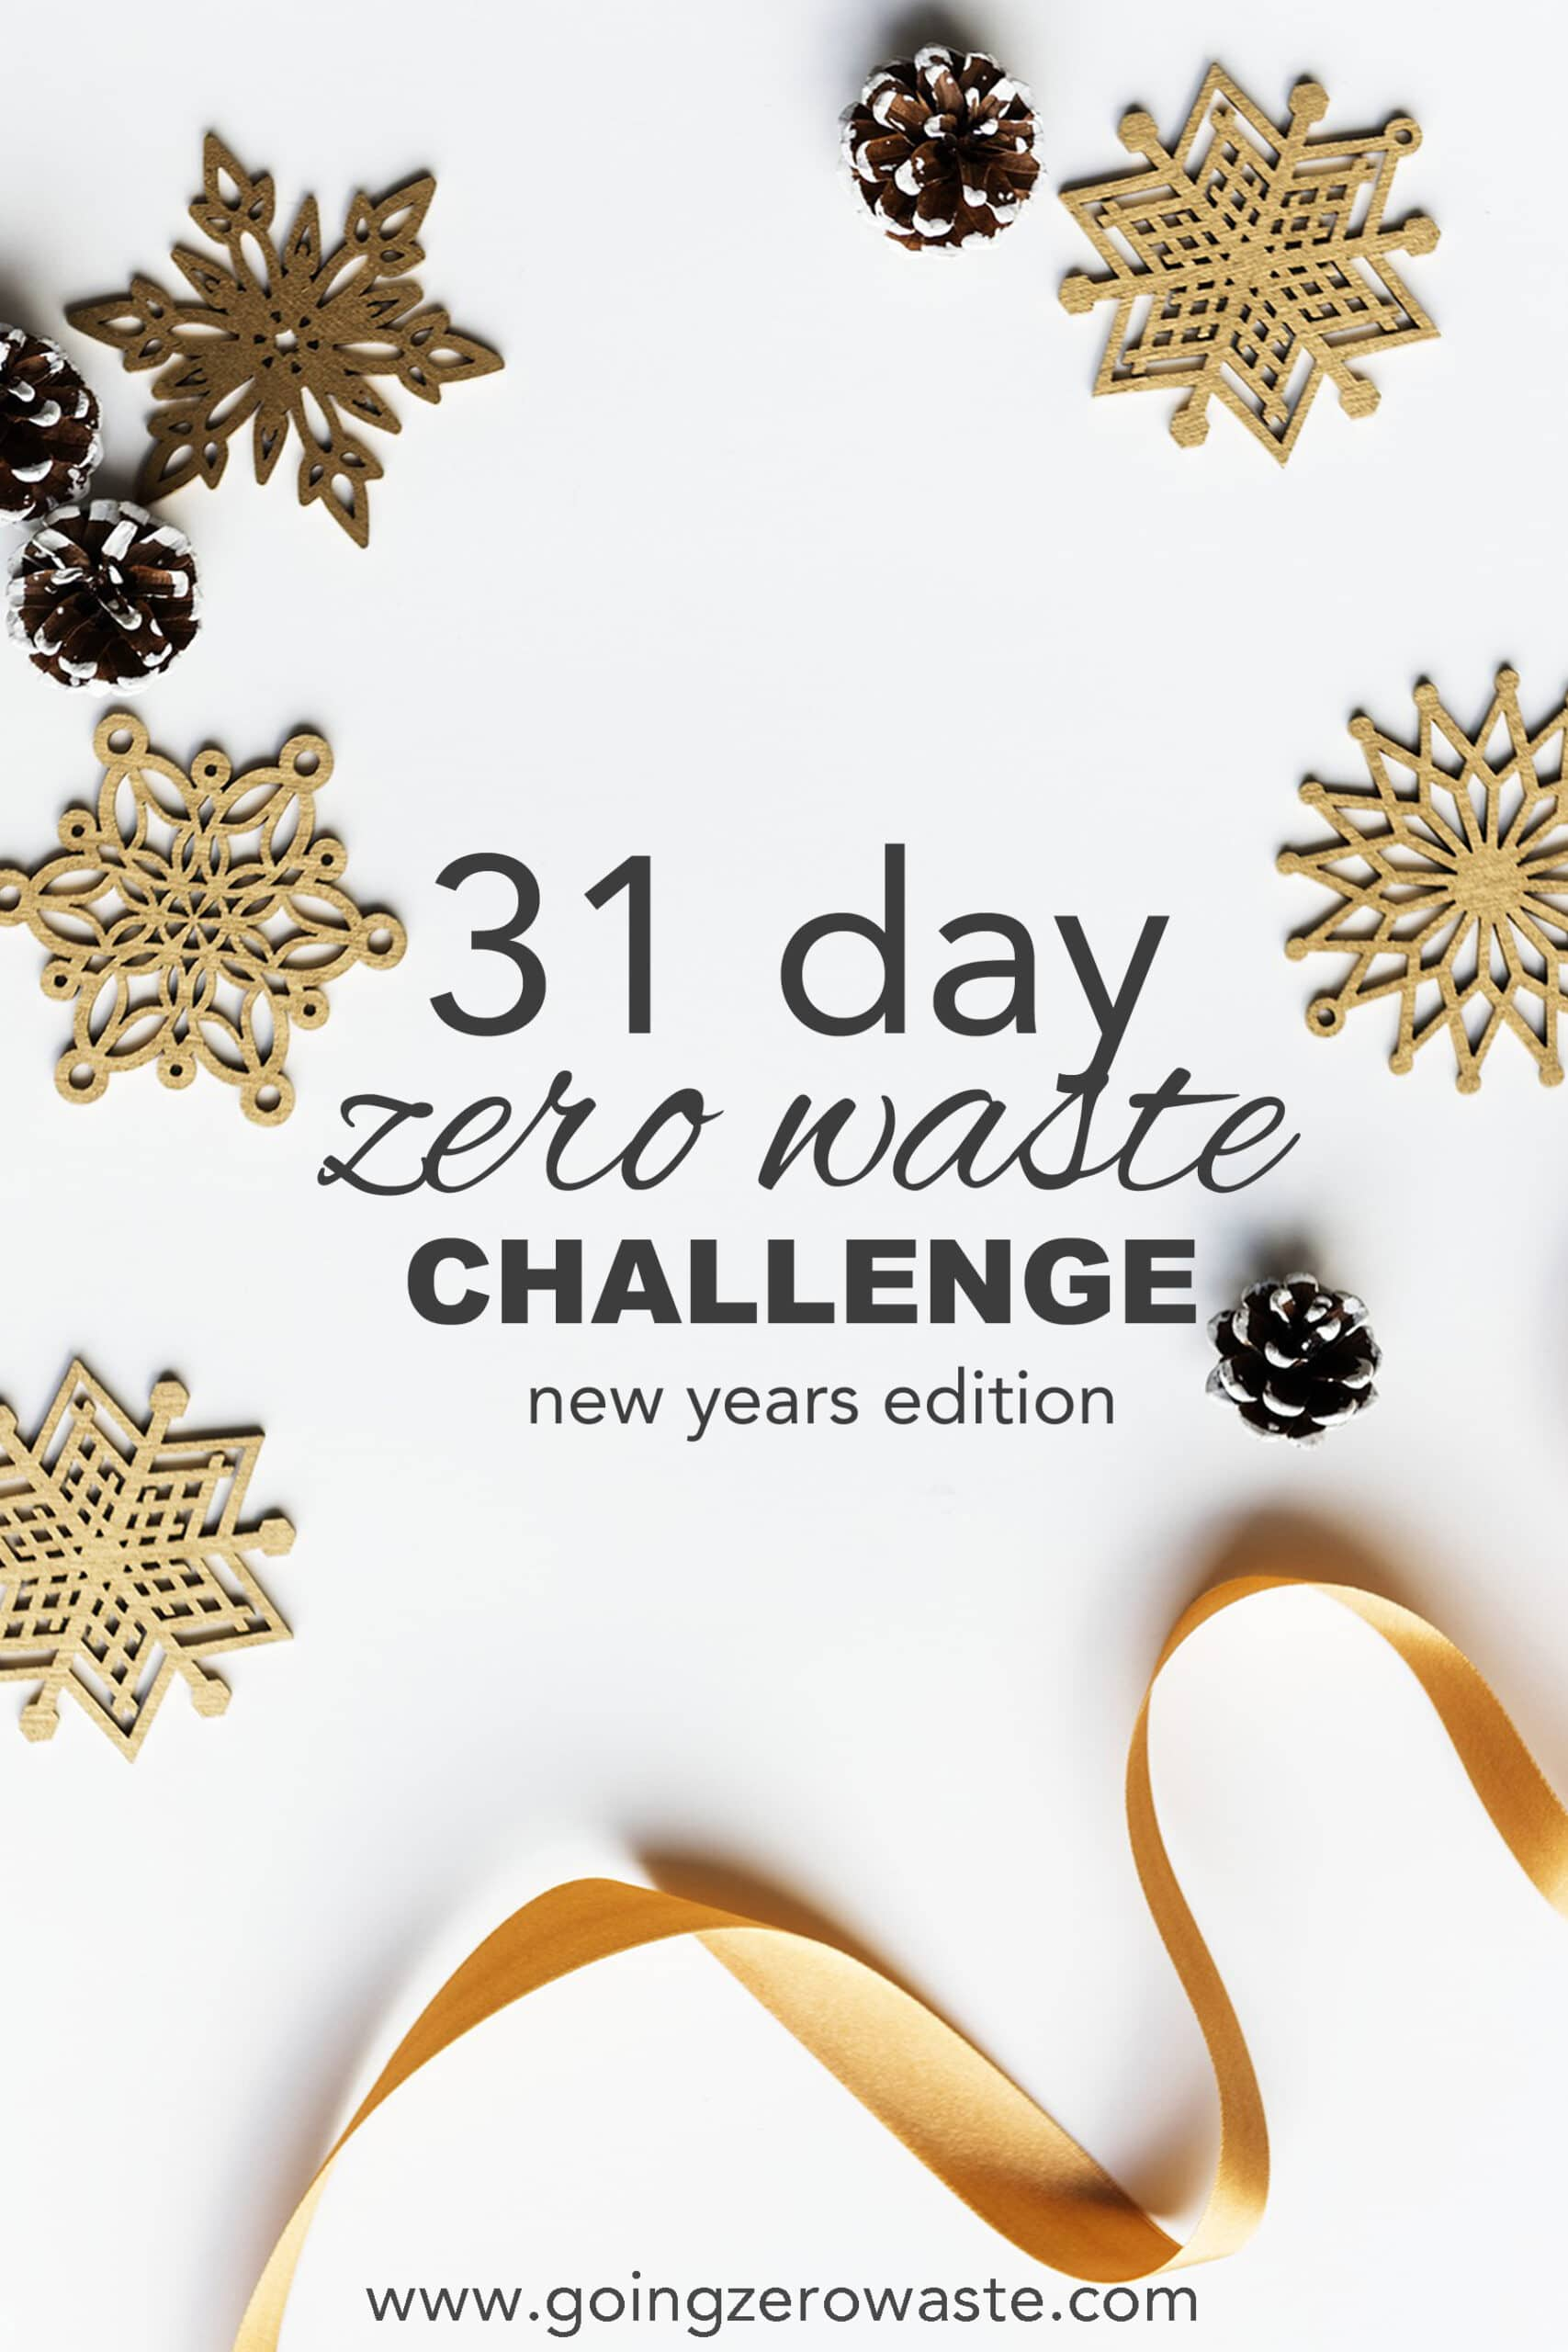 31 Day Zero Waste Challenge New Years Edition from www.goingzerowaste.com #zerowaste #ecofriendly #gogreen #sustainable #zerowastechallenge #challenge